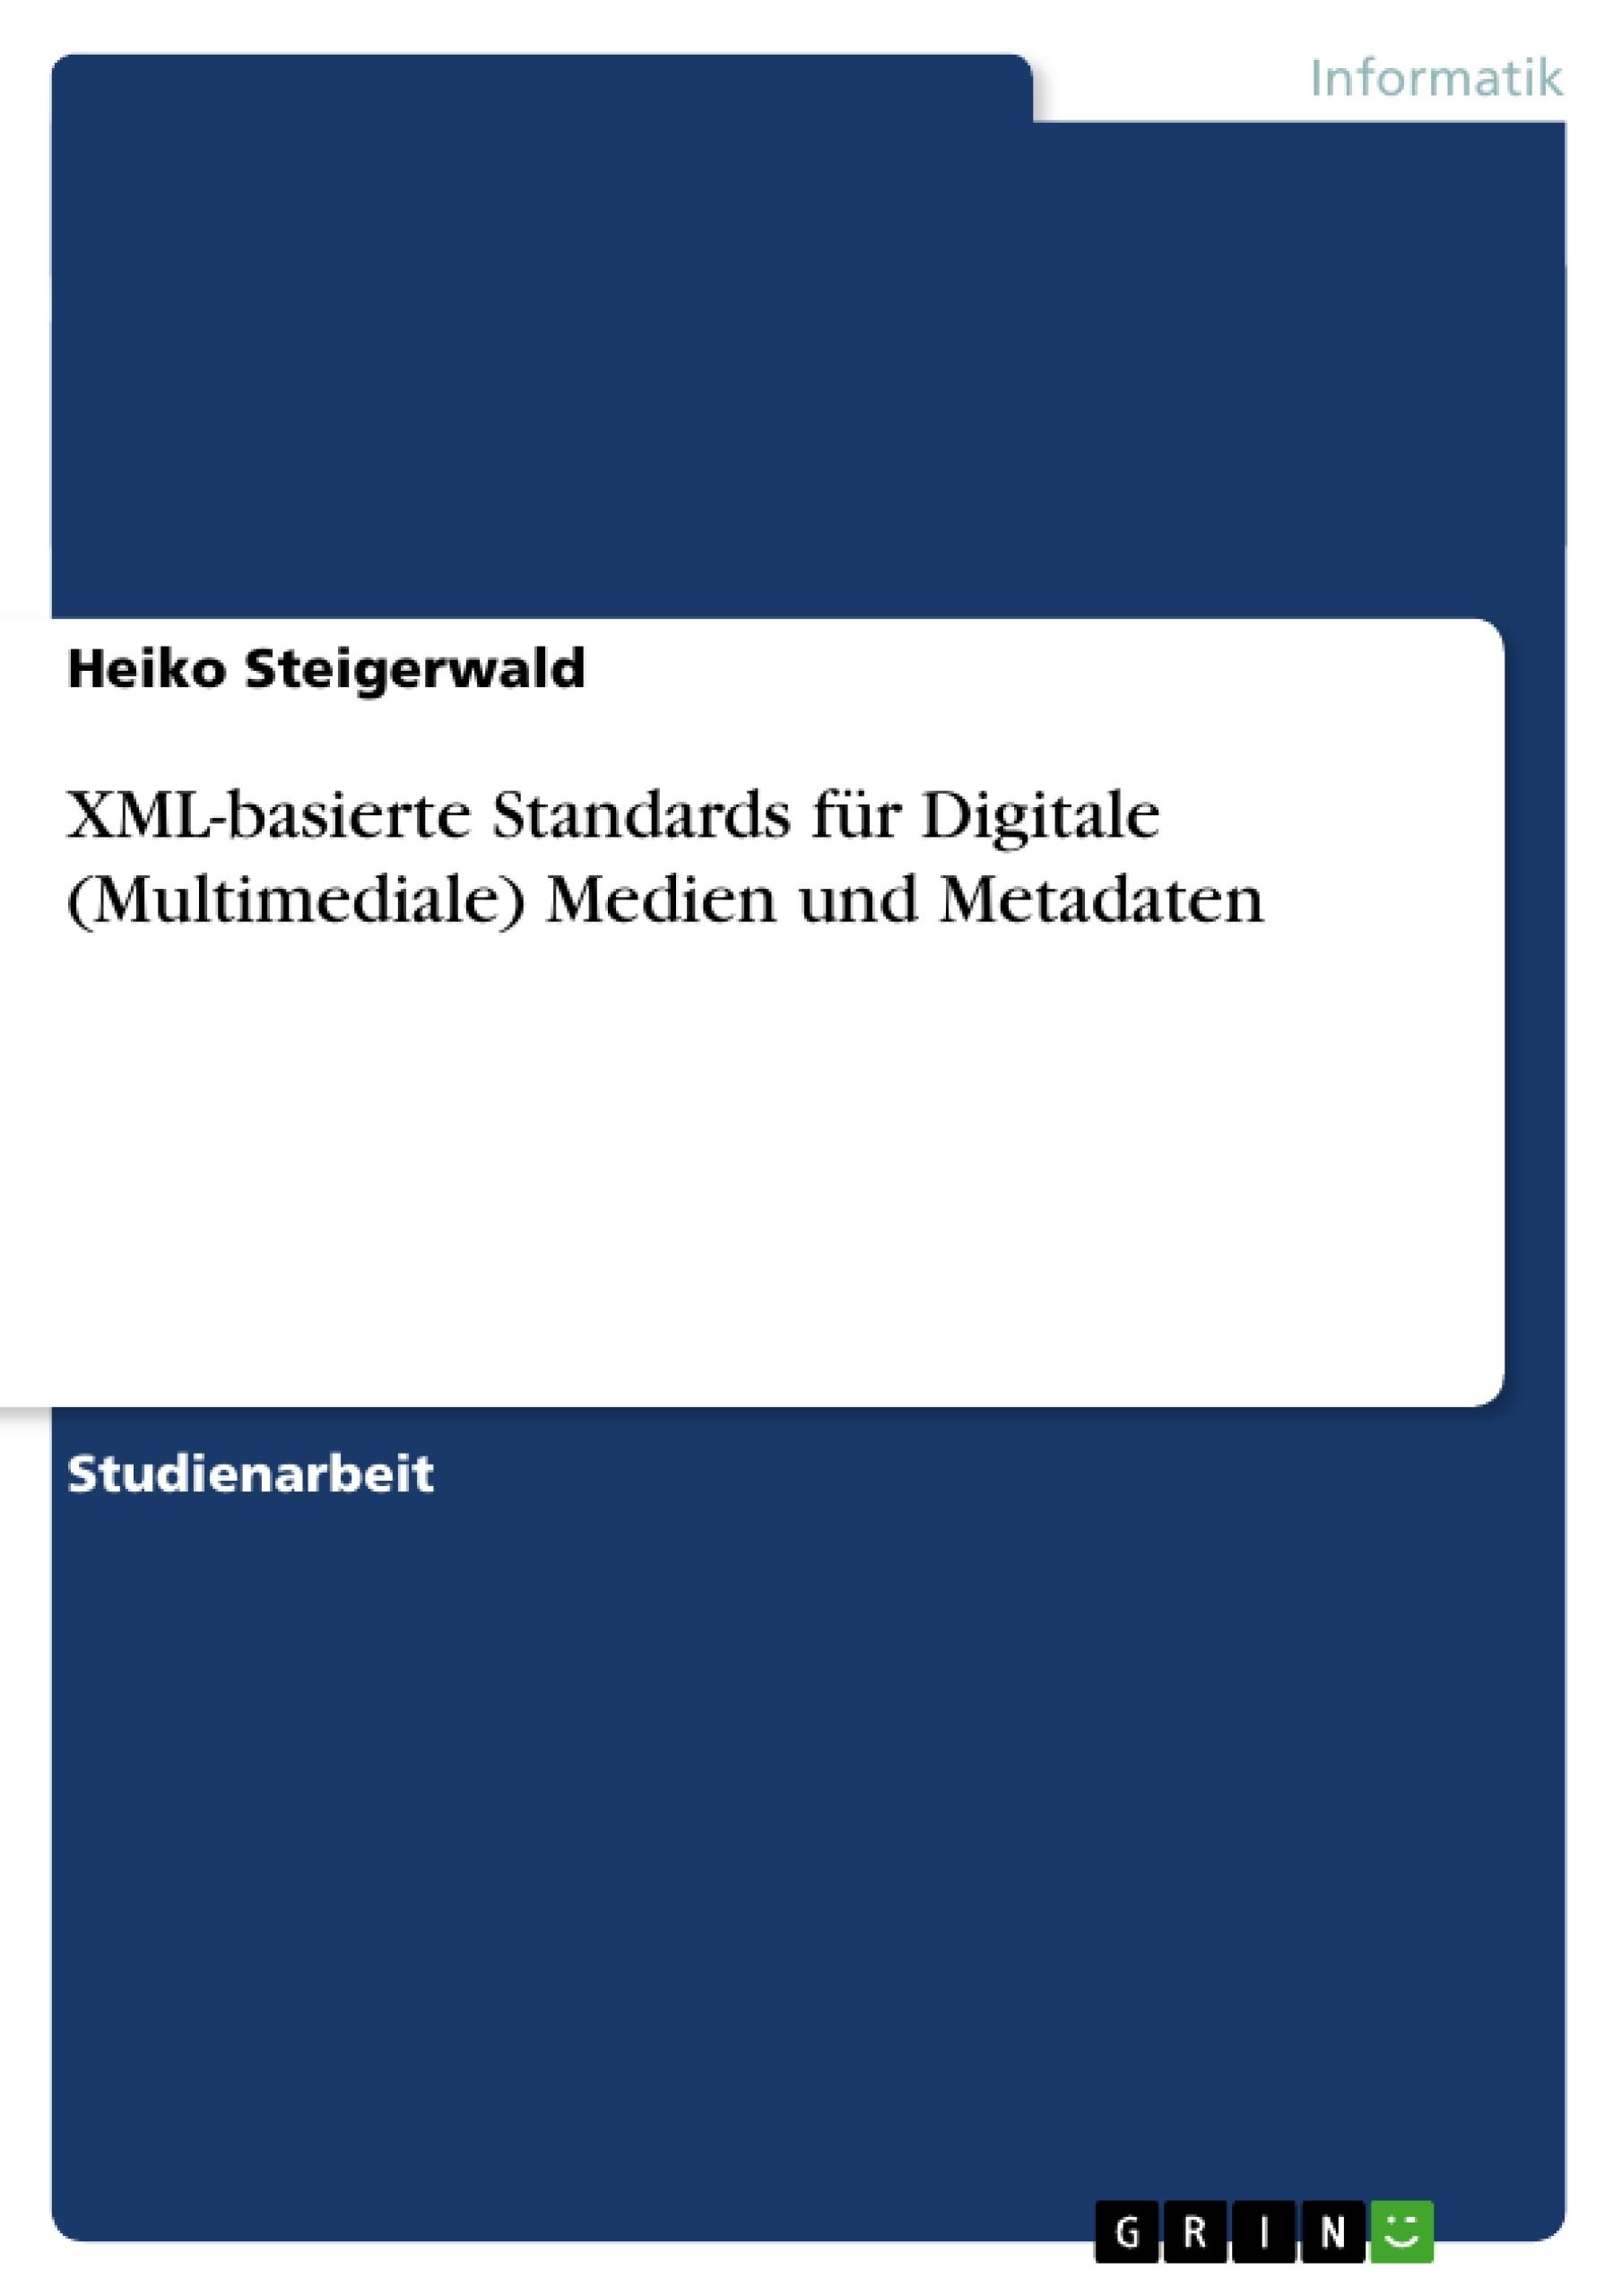 Titel: XML-basierte Standards für Digitale (Multimediale) Medien und Metadaten